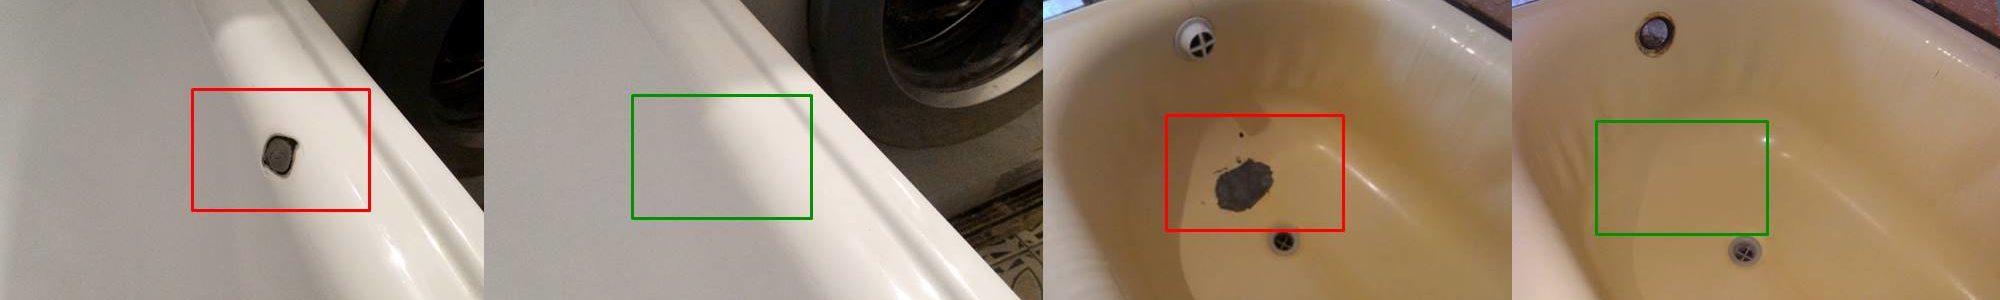 Ремонт сколов эмалированных ванн своими руками / zonavannoi.ru